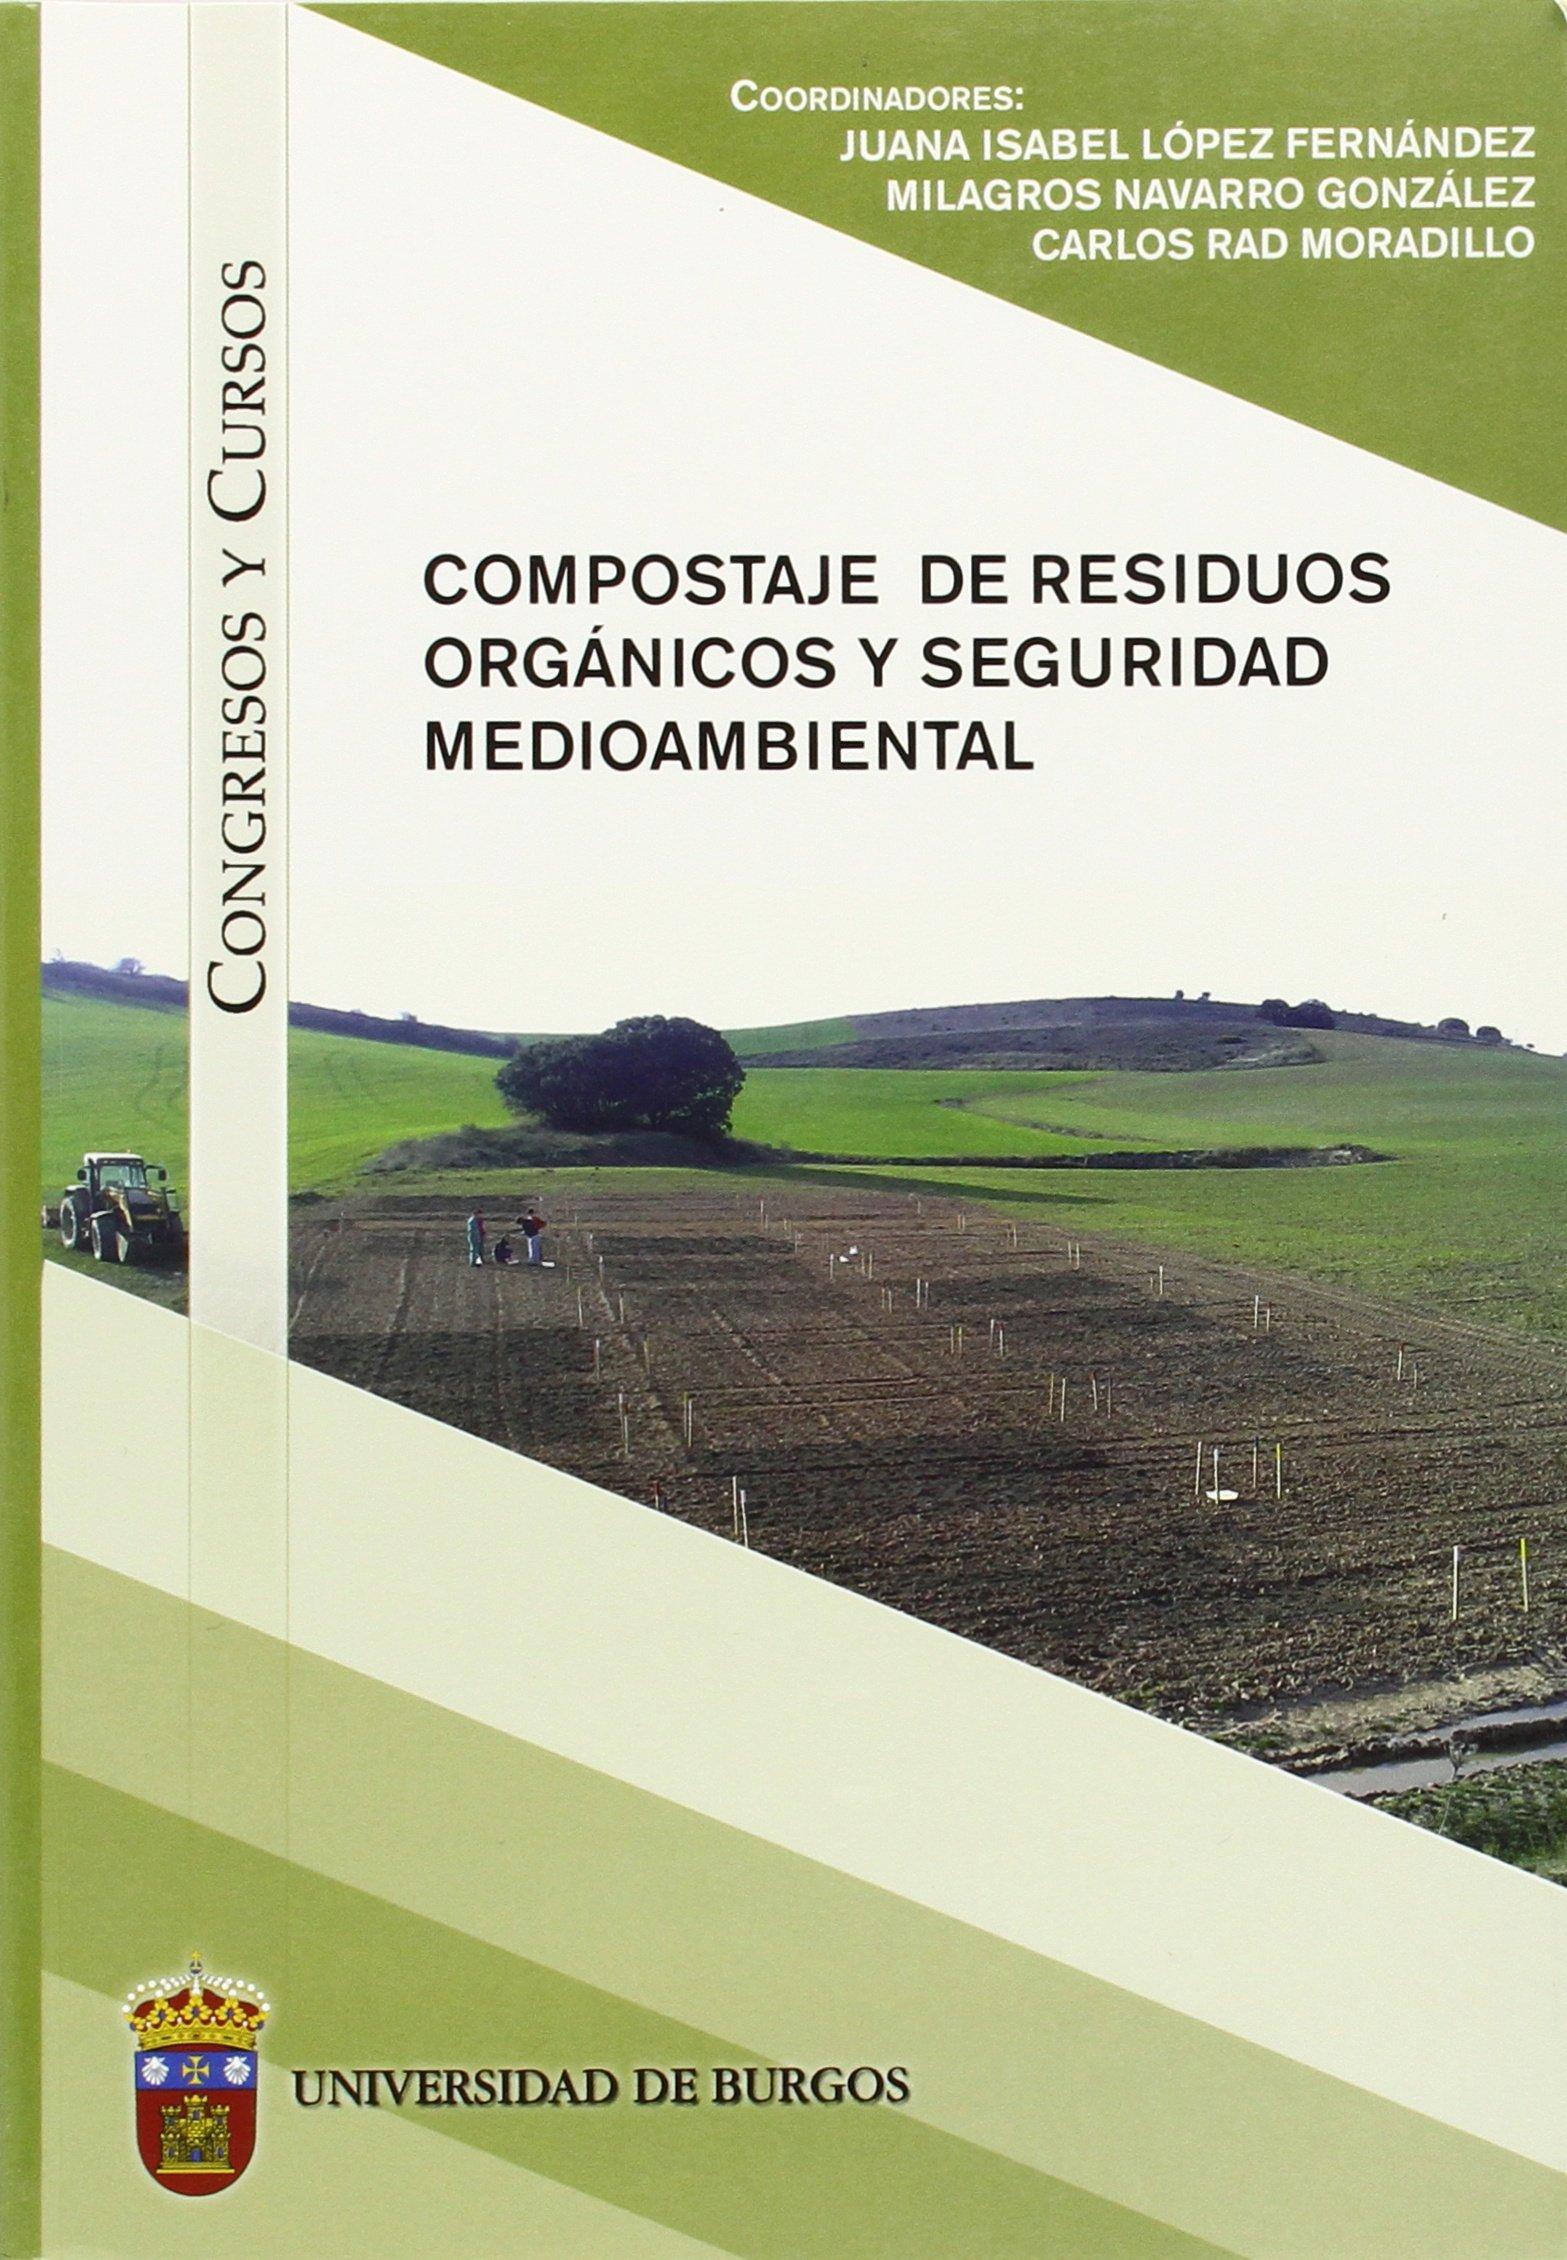 Compostaje de residuos orgánicos y seguridad medioambiental Congresos y Cursos: Amazon.es: Juana Isabel López Fernández, Carlos Rad Moradillo, ...